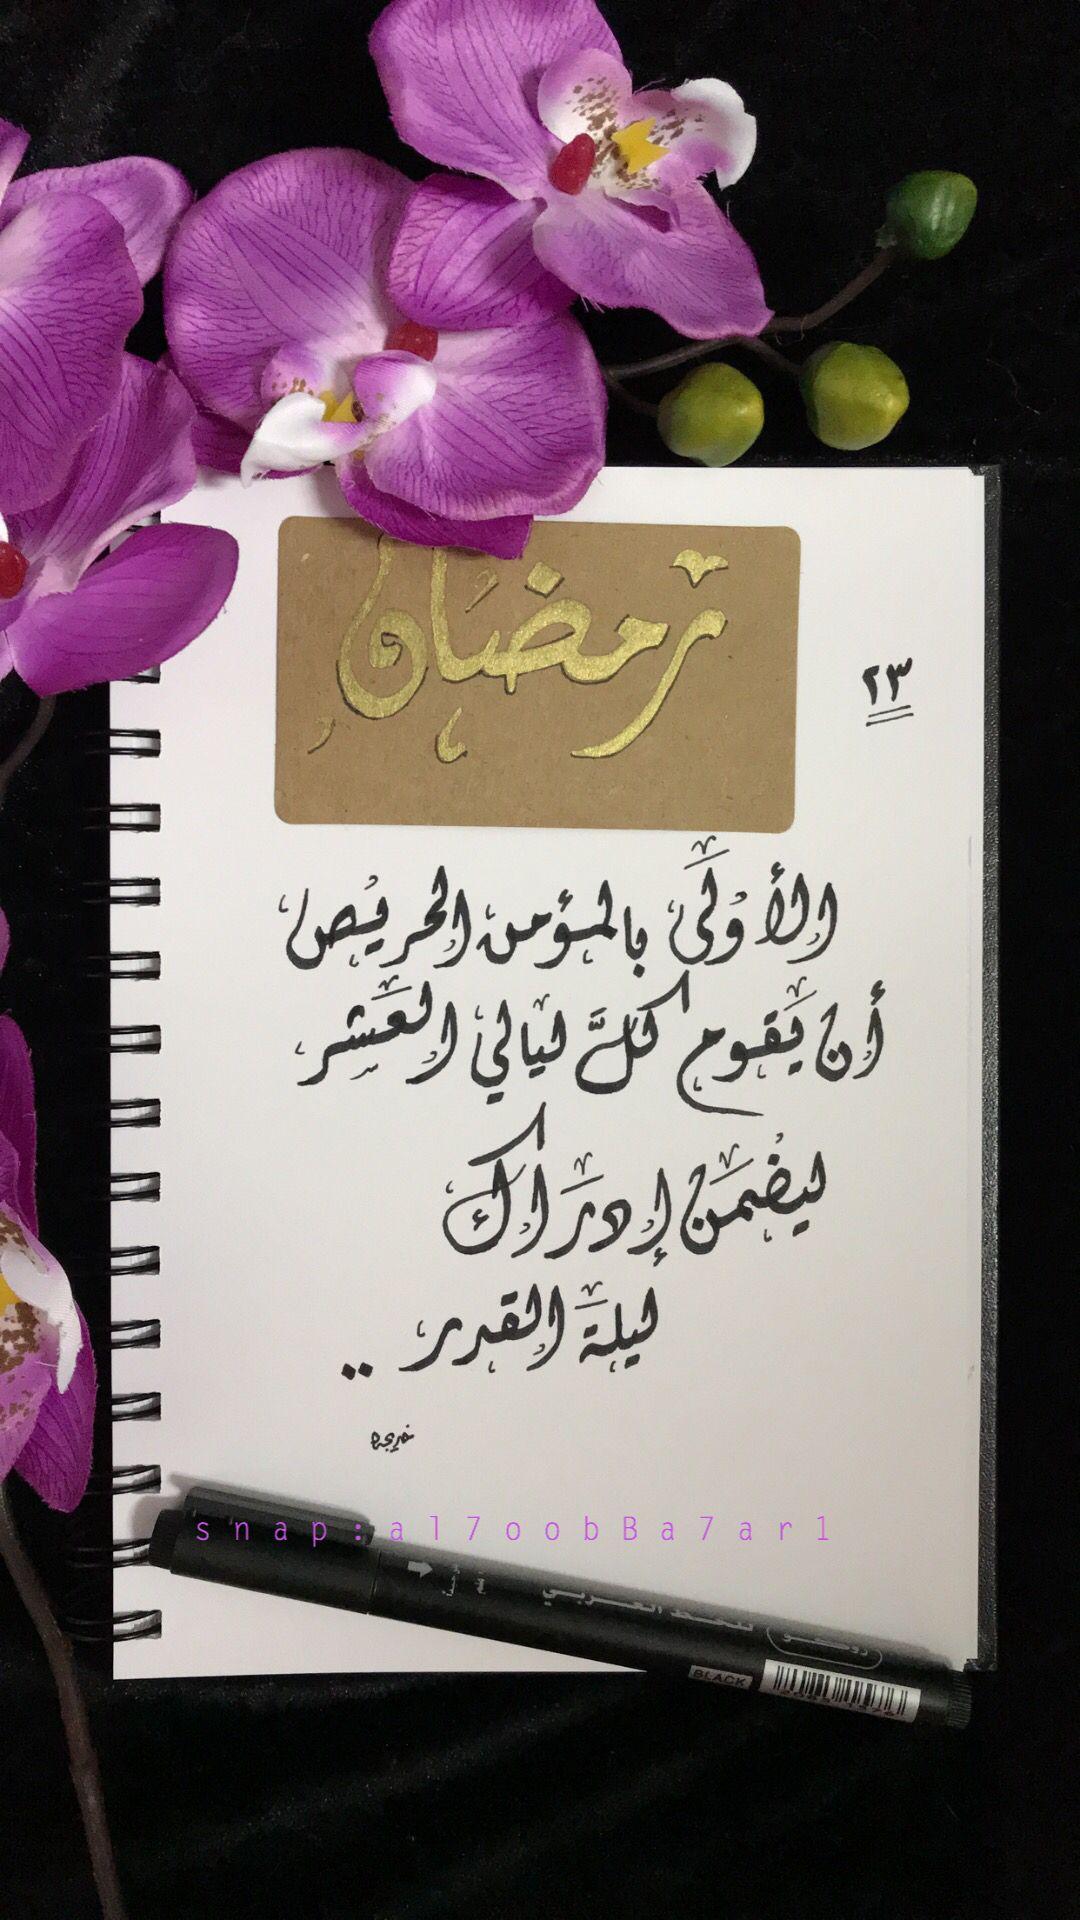 ٢٣ رمضان الأولى بـ المؤمن الحريص أن يقوم كل ليالي العشر لـ يضمن إدراك ليلة القدر خط خطي الخط العربي ا Ramadan Quotes Ramadan Day Ramadan